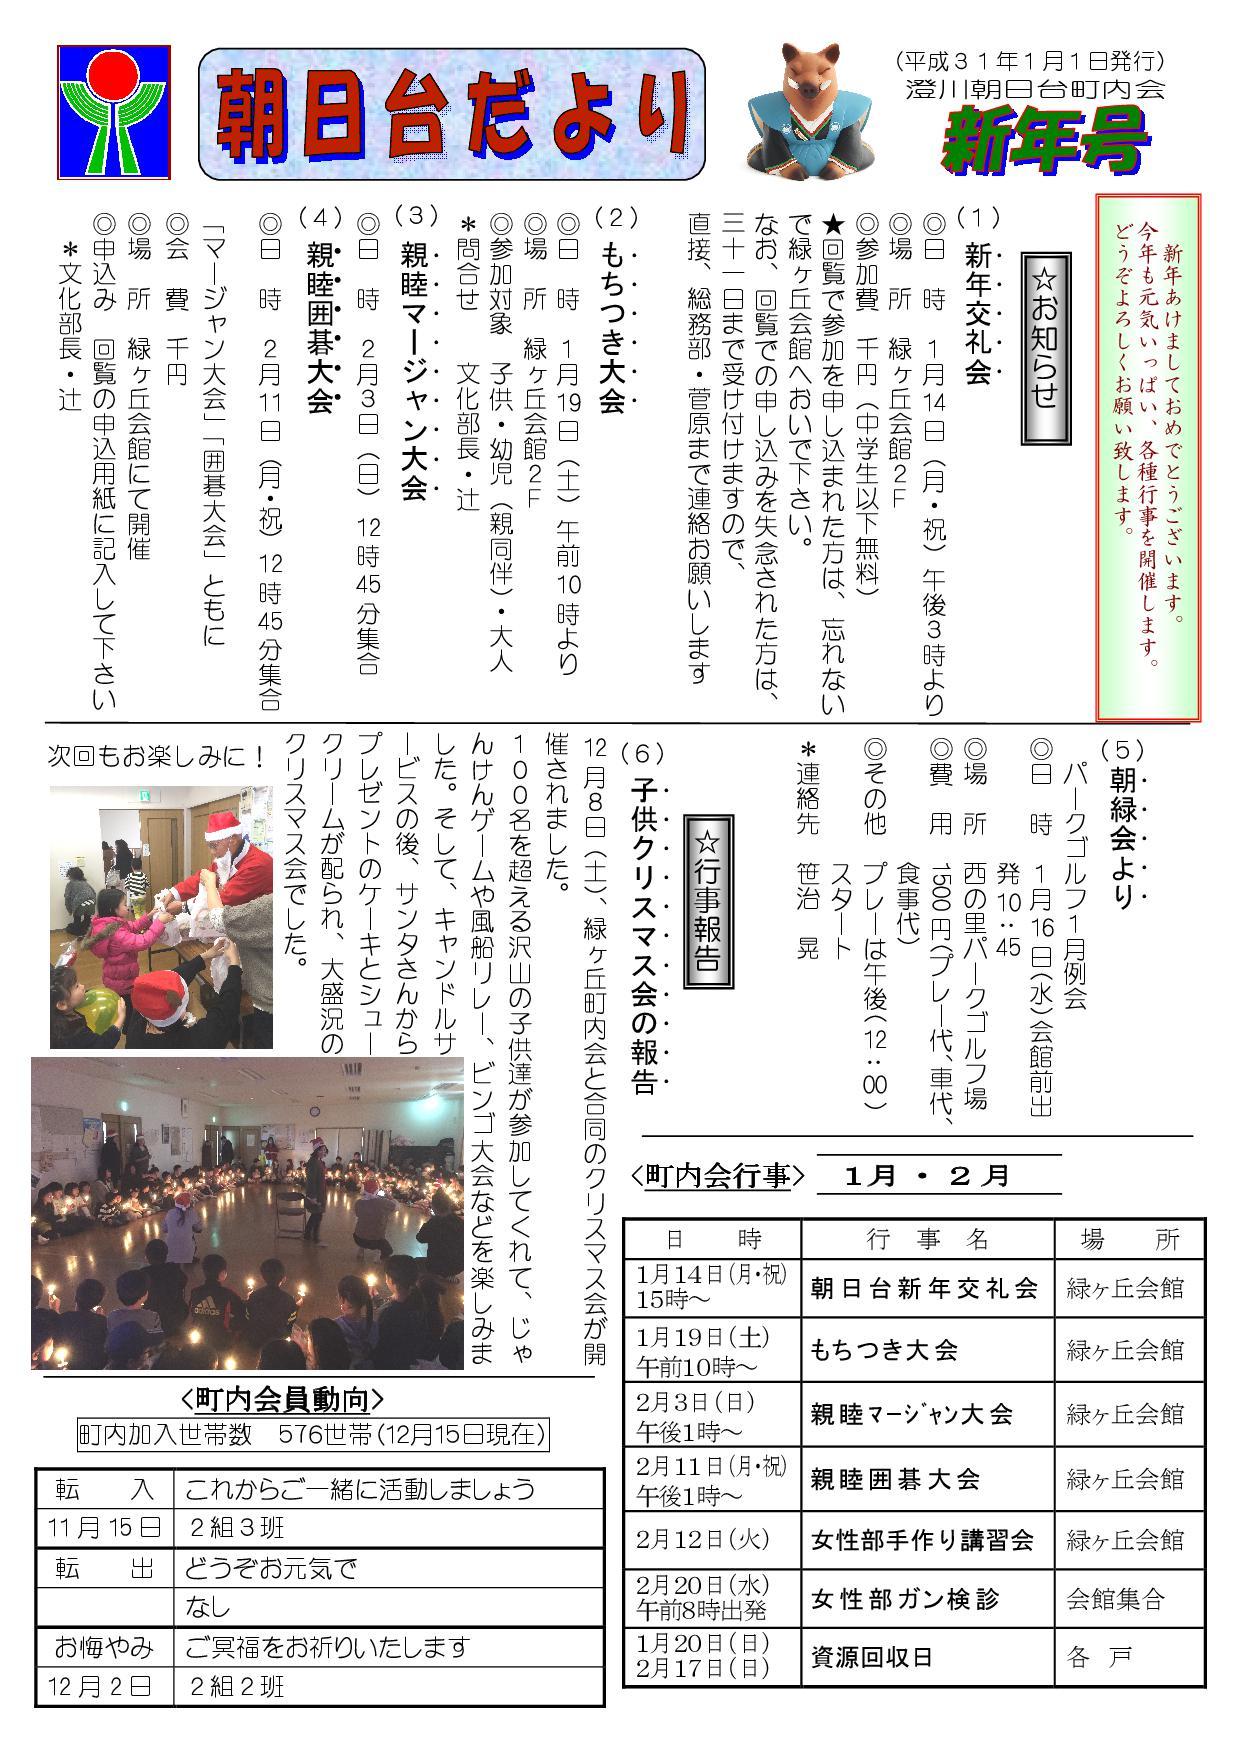 http://sumikawa.info/asahidai/31-1%E6%9C%88%E5%8F%B7.jpg